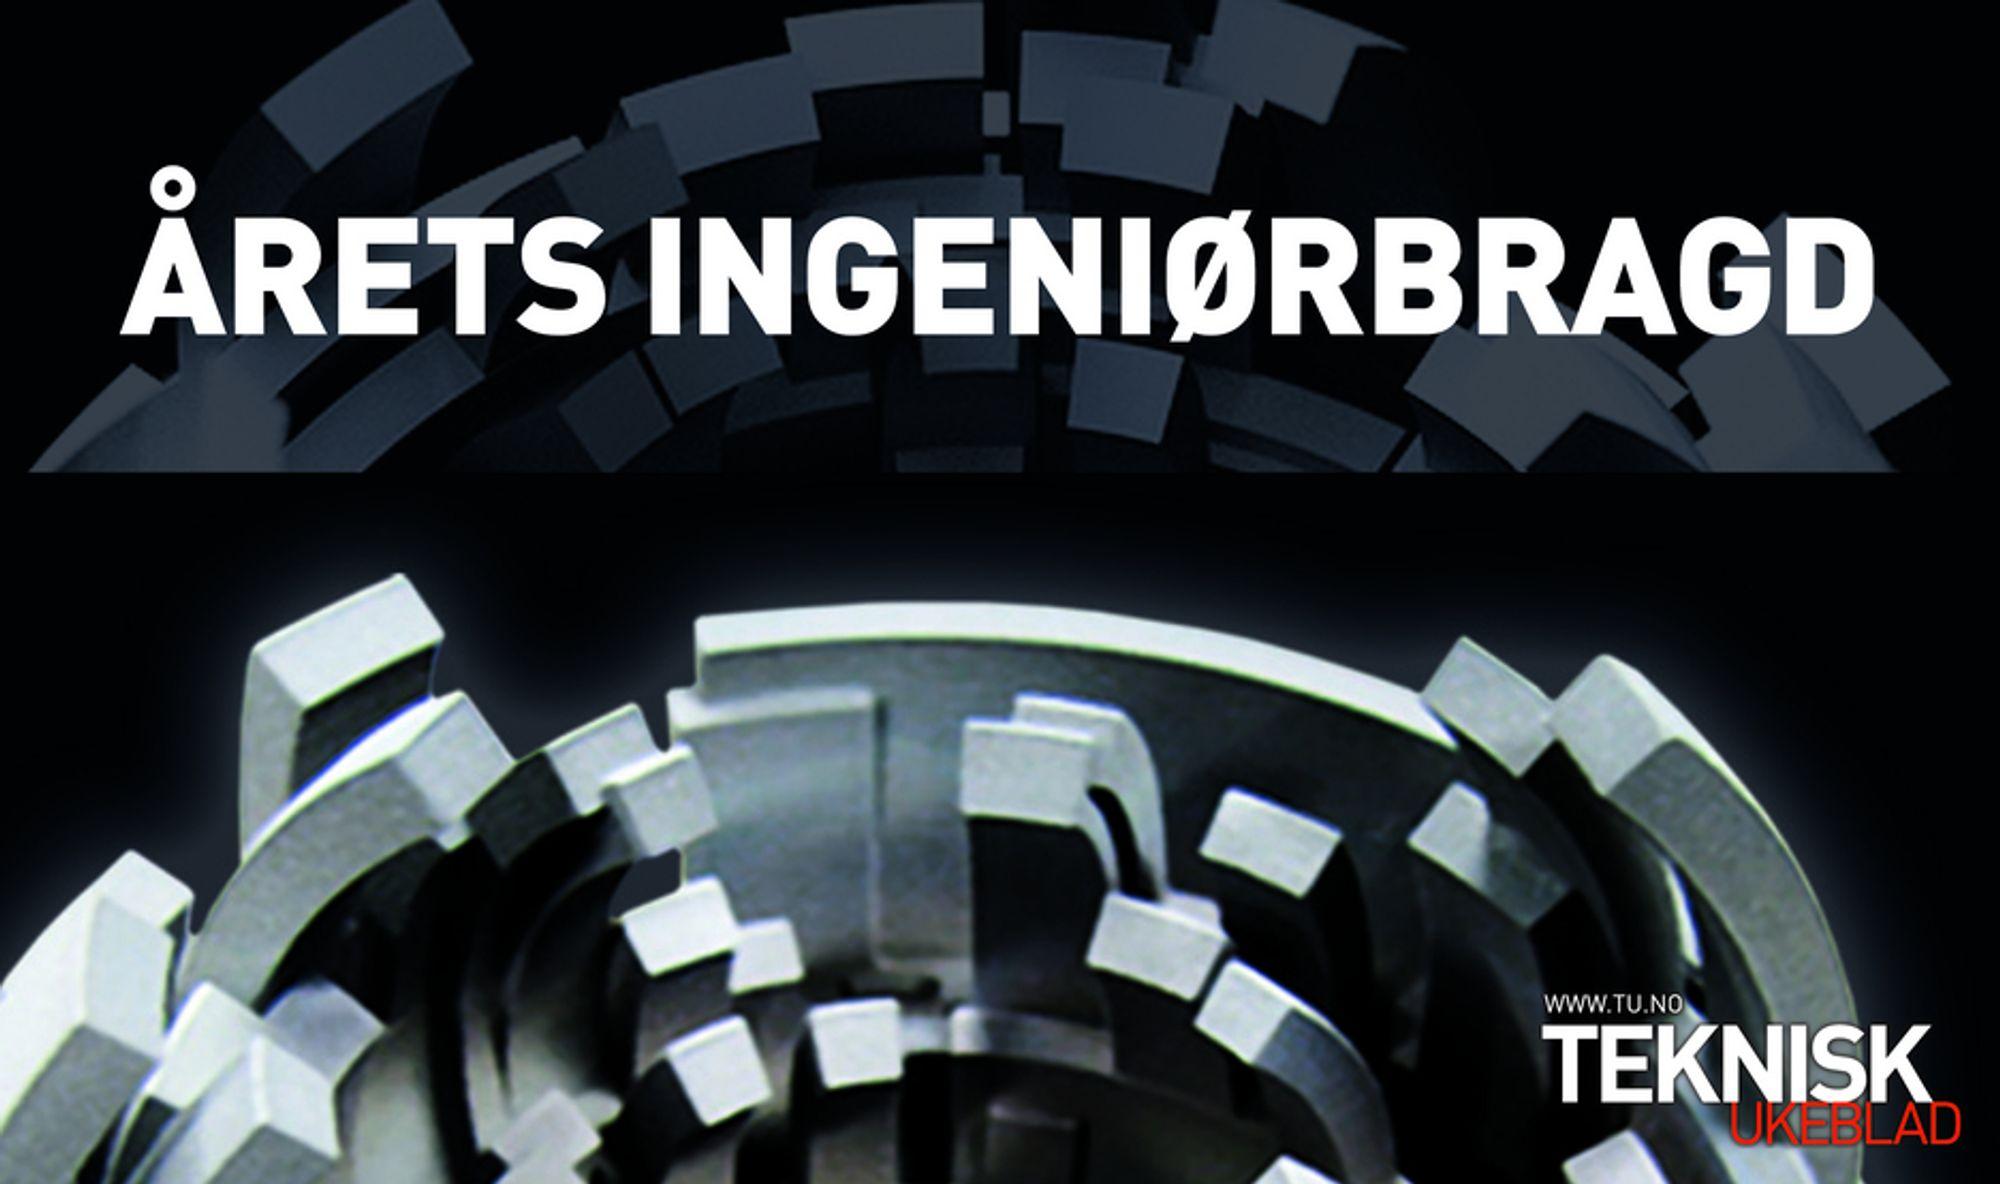 Nå kan du stemme på din favoritt til Årets ingeniørbragd 2011. Fristen er 27. november kl. 23:59.